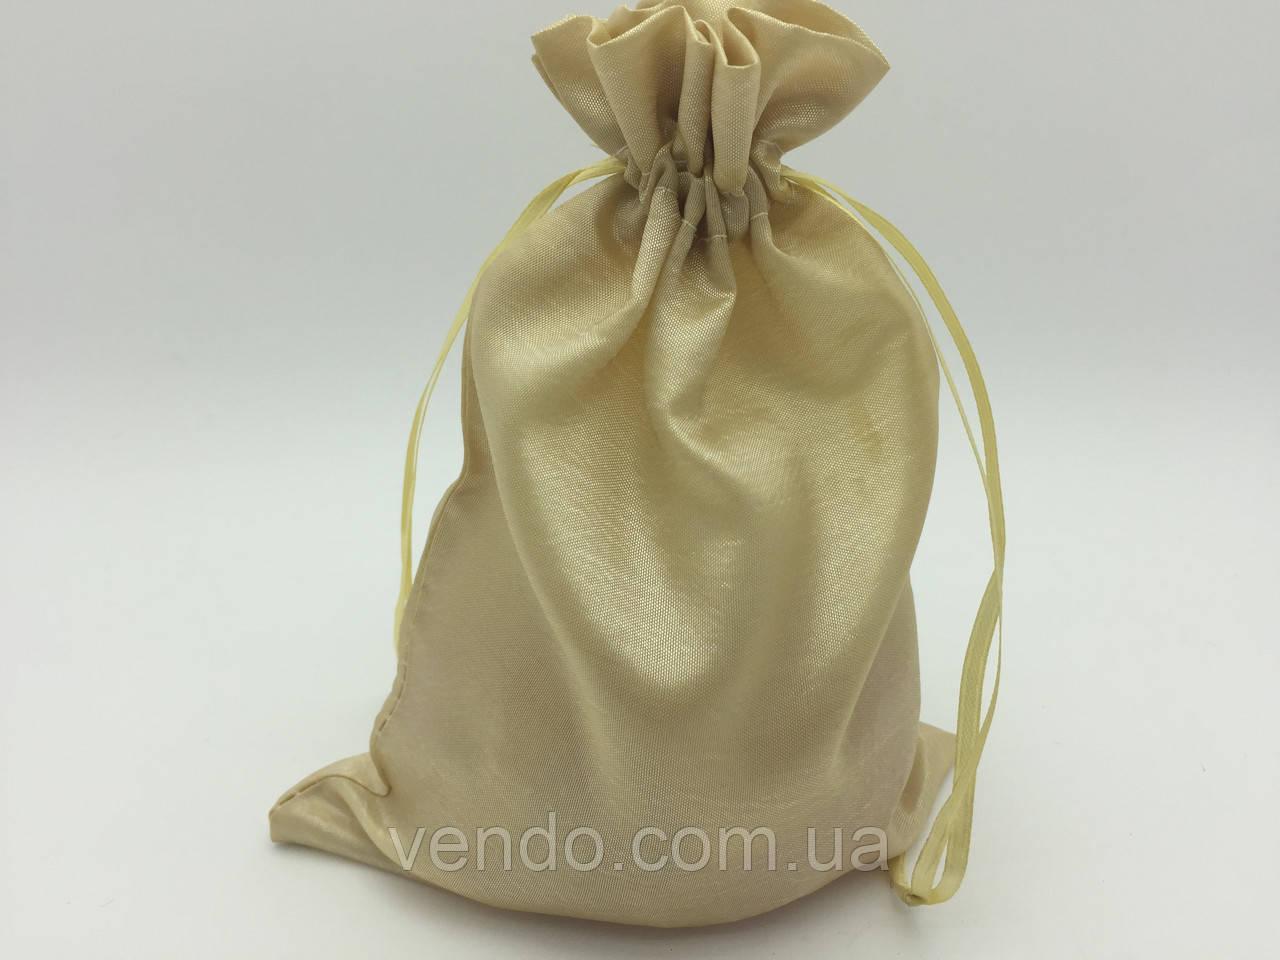 Чехол для карт таро, мешочек из сатина Бежевый,14х20 см